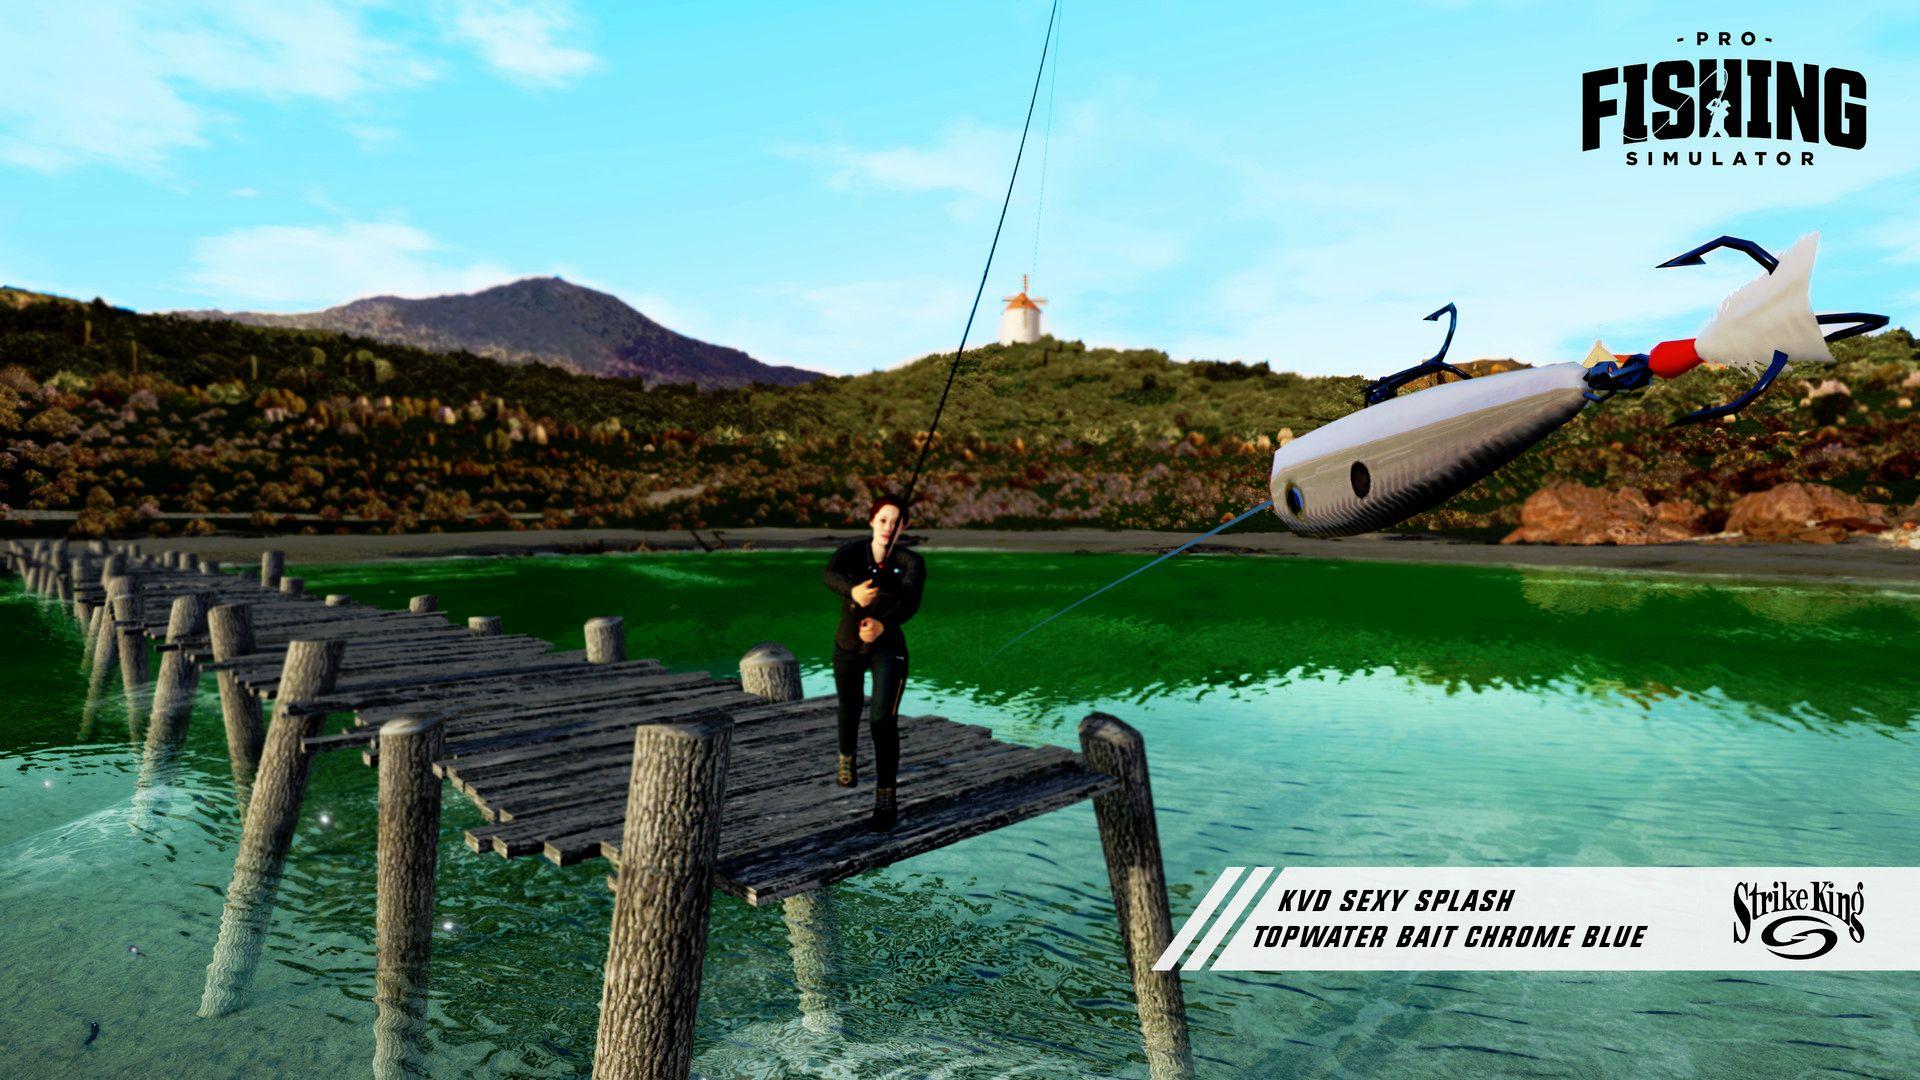 Pro Fishing Simulator - Predator Pack